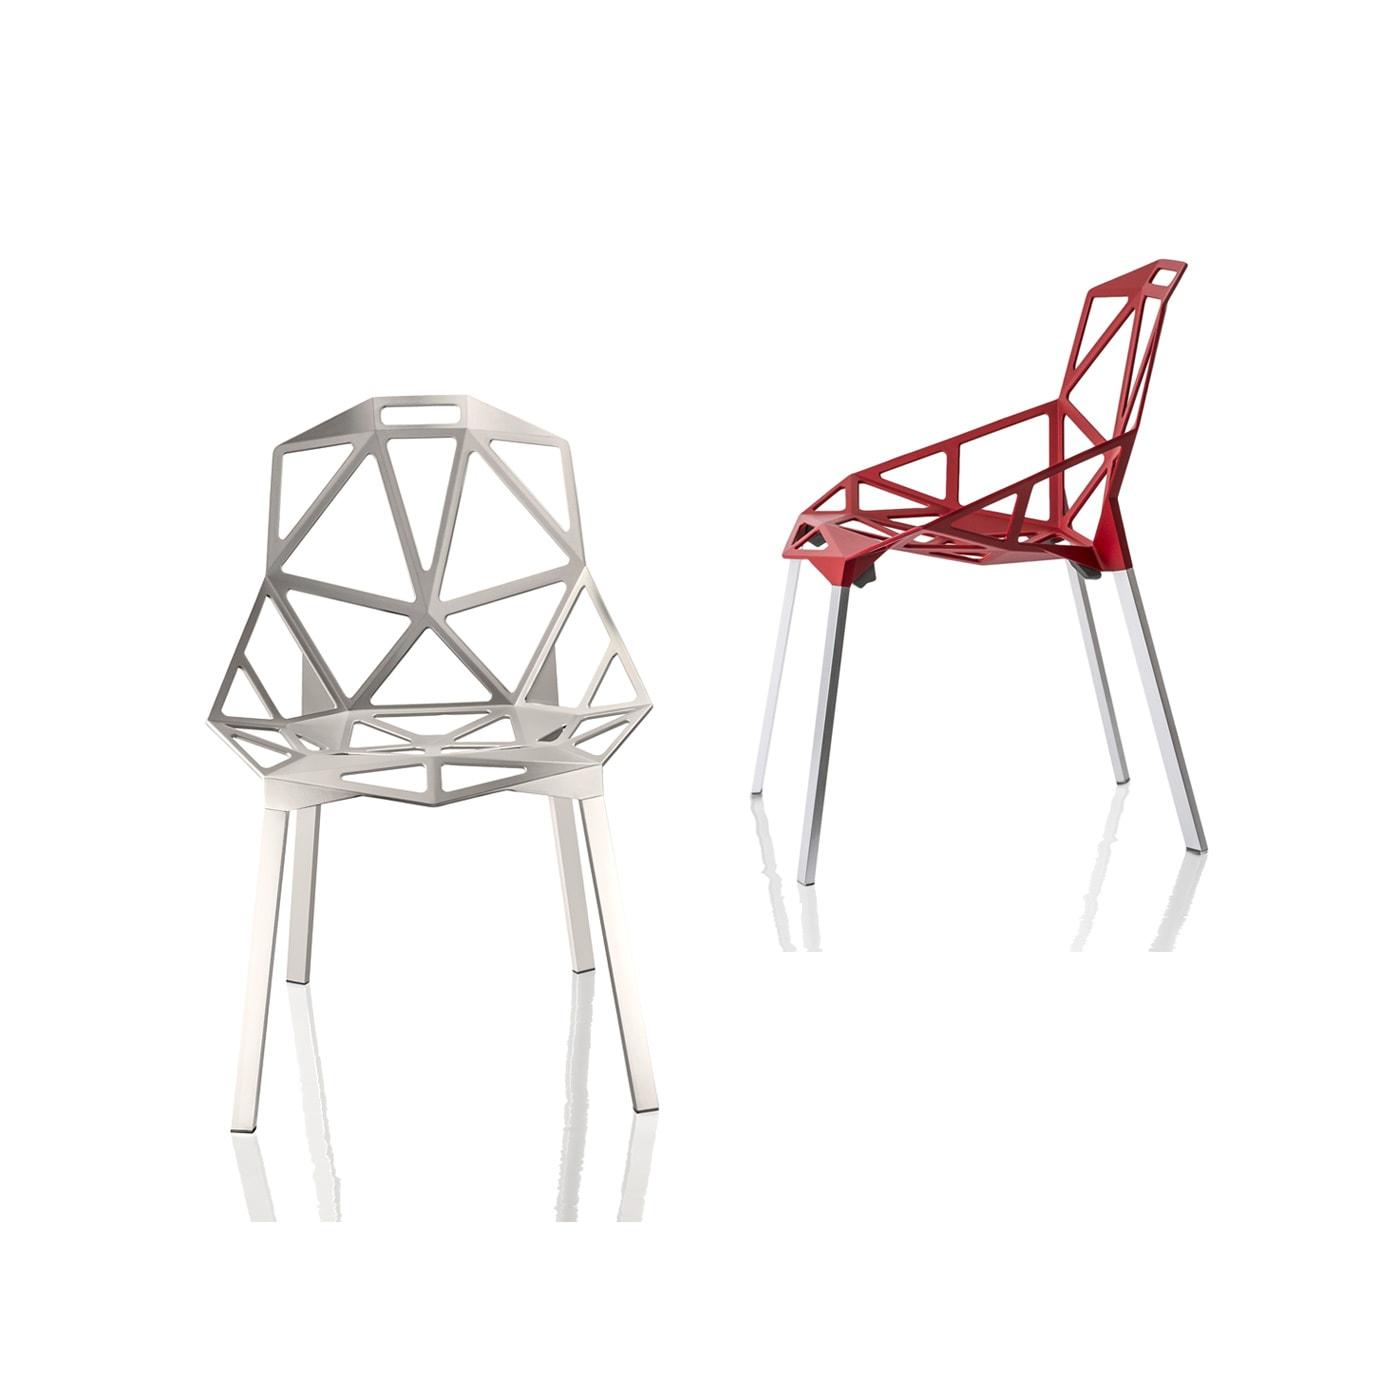 Magis ChairOne sedia in alluminio 4 gambe - shop online